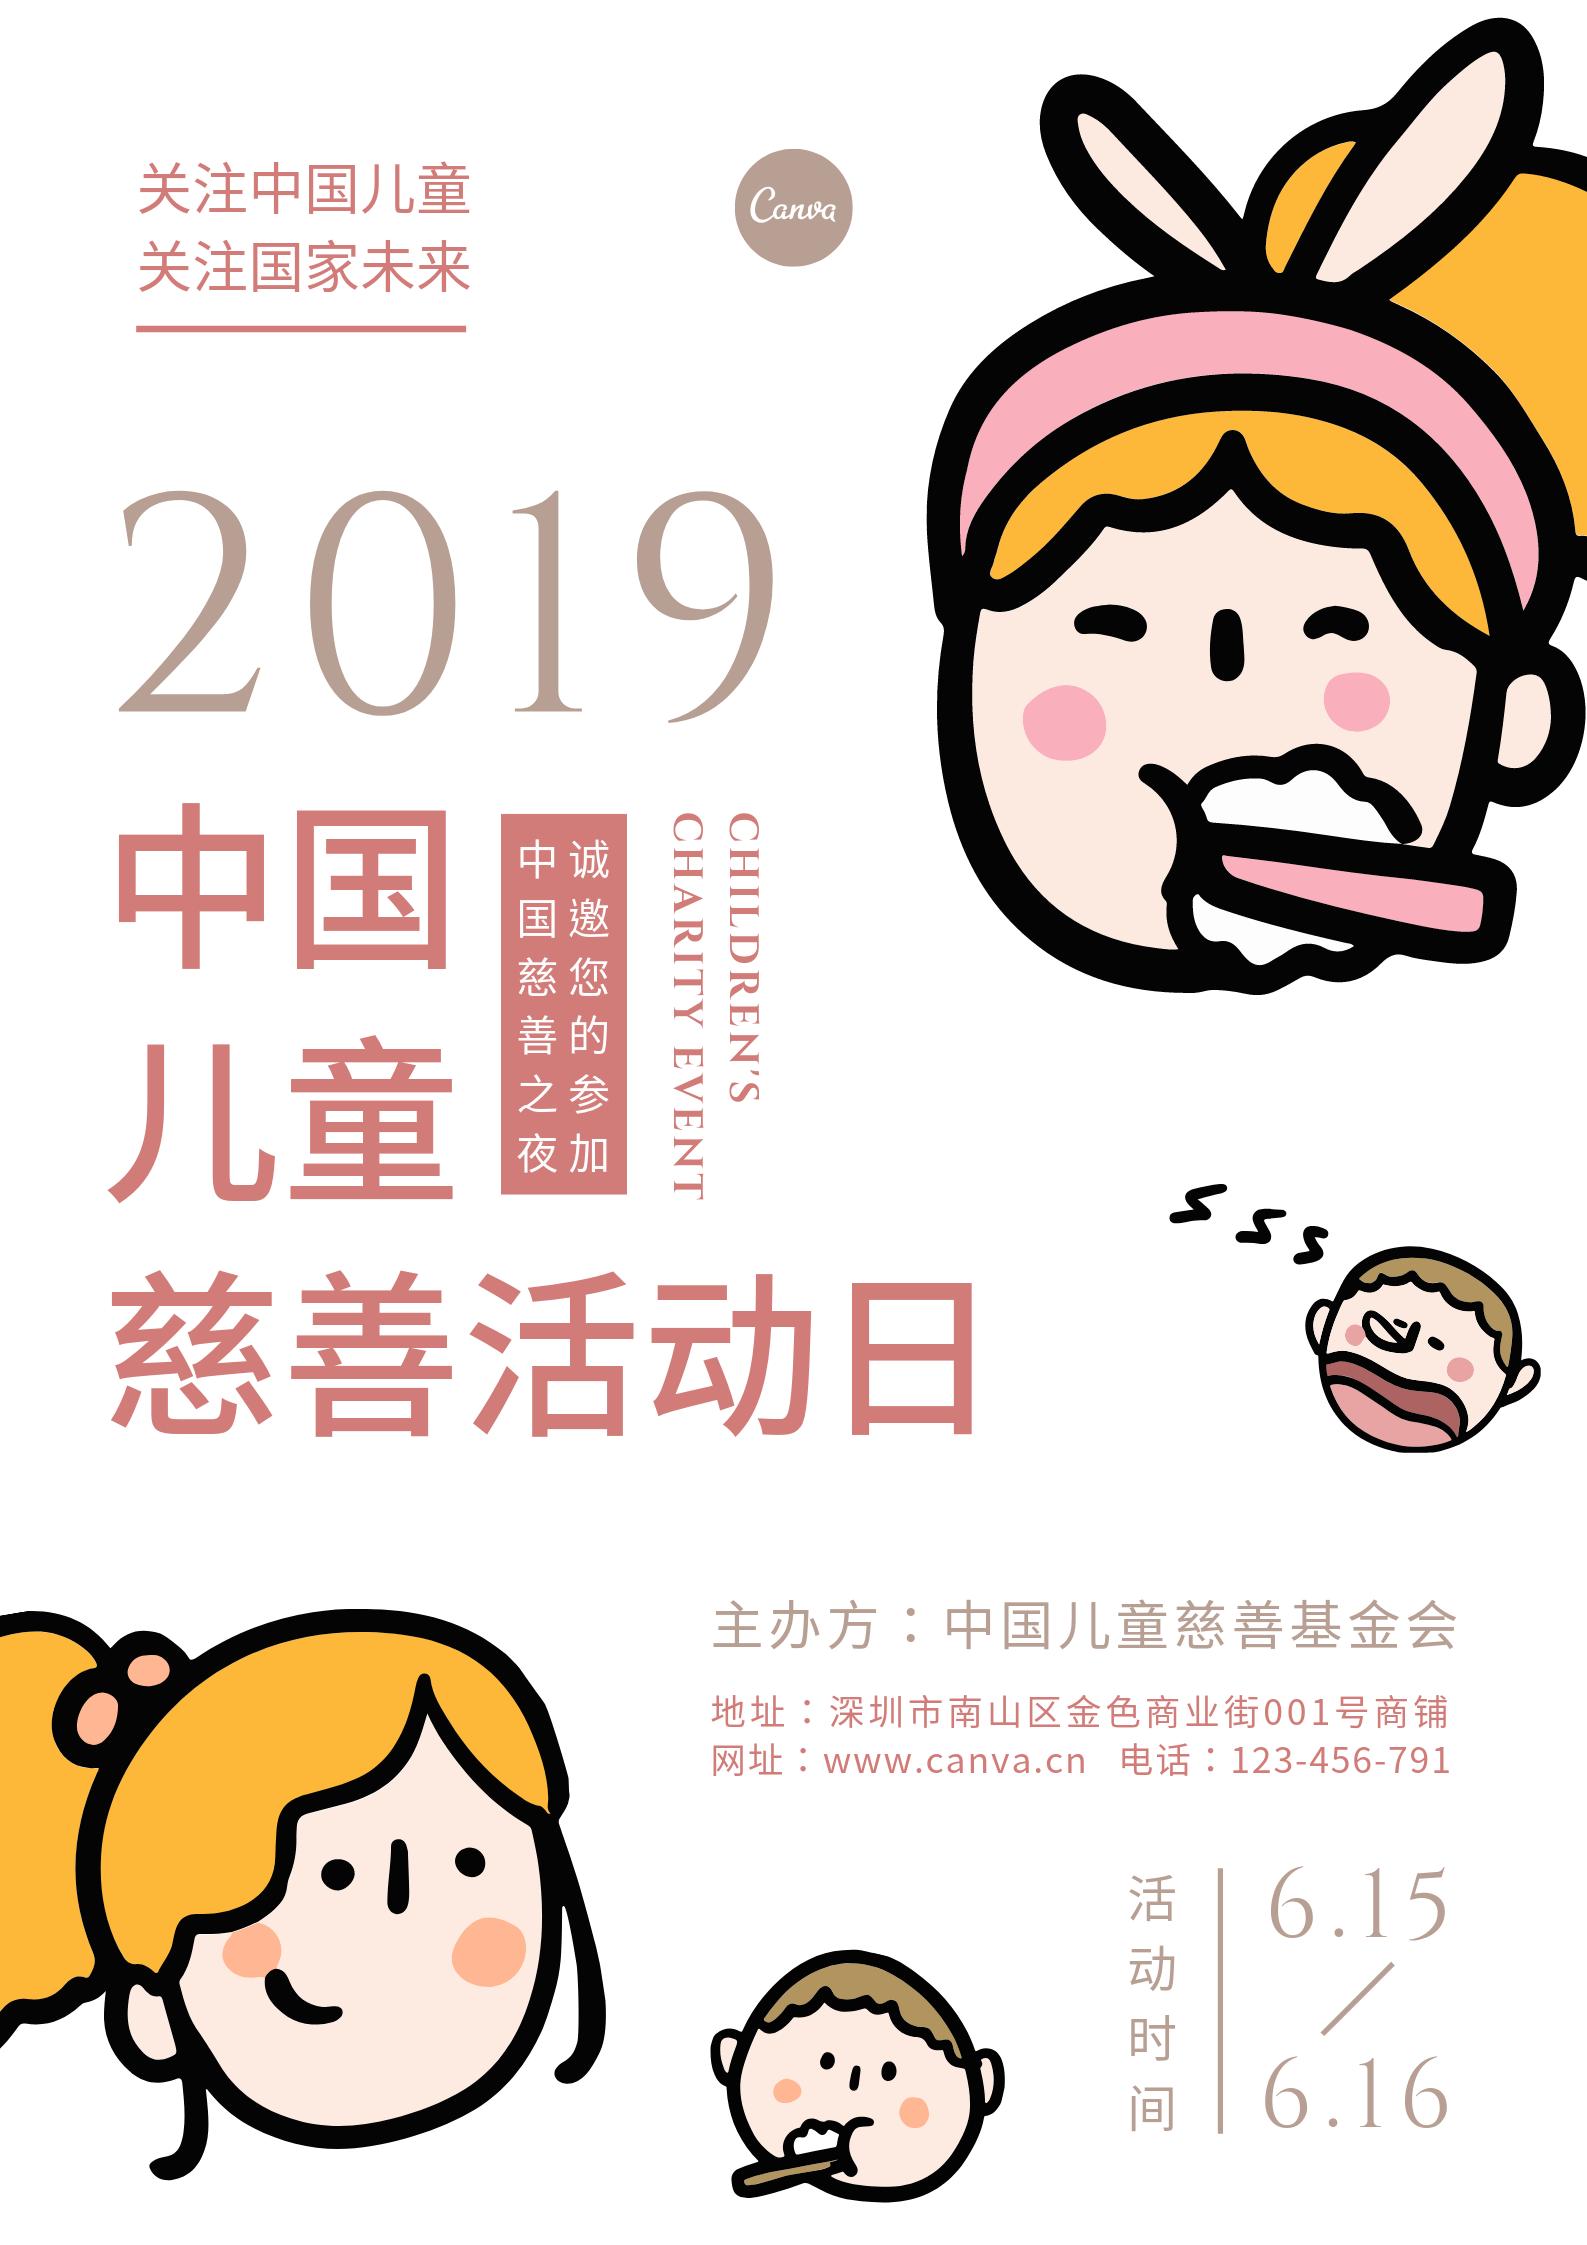 中国儿童慈善活动日图片